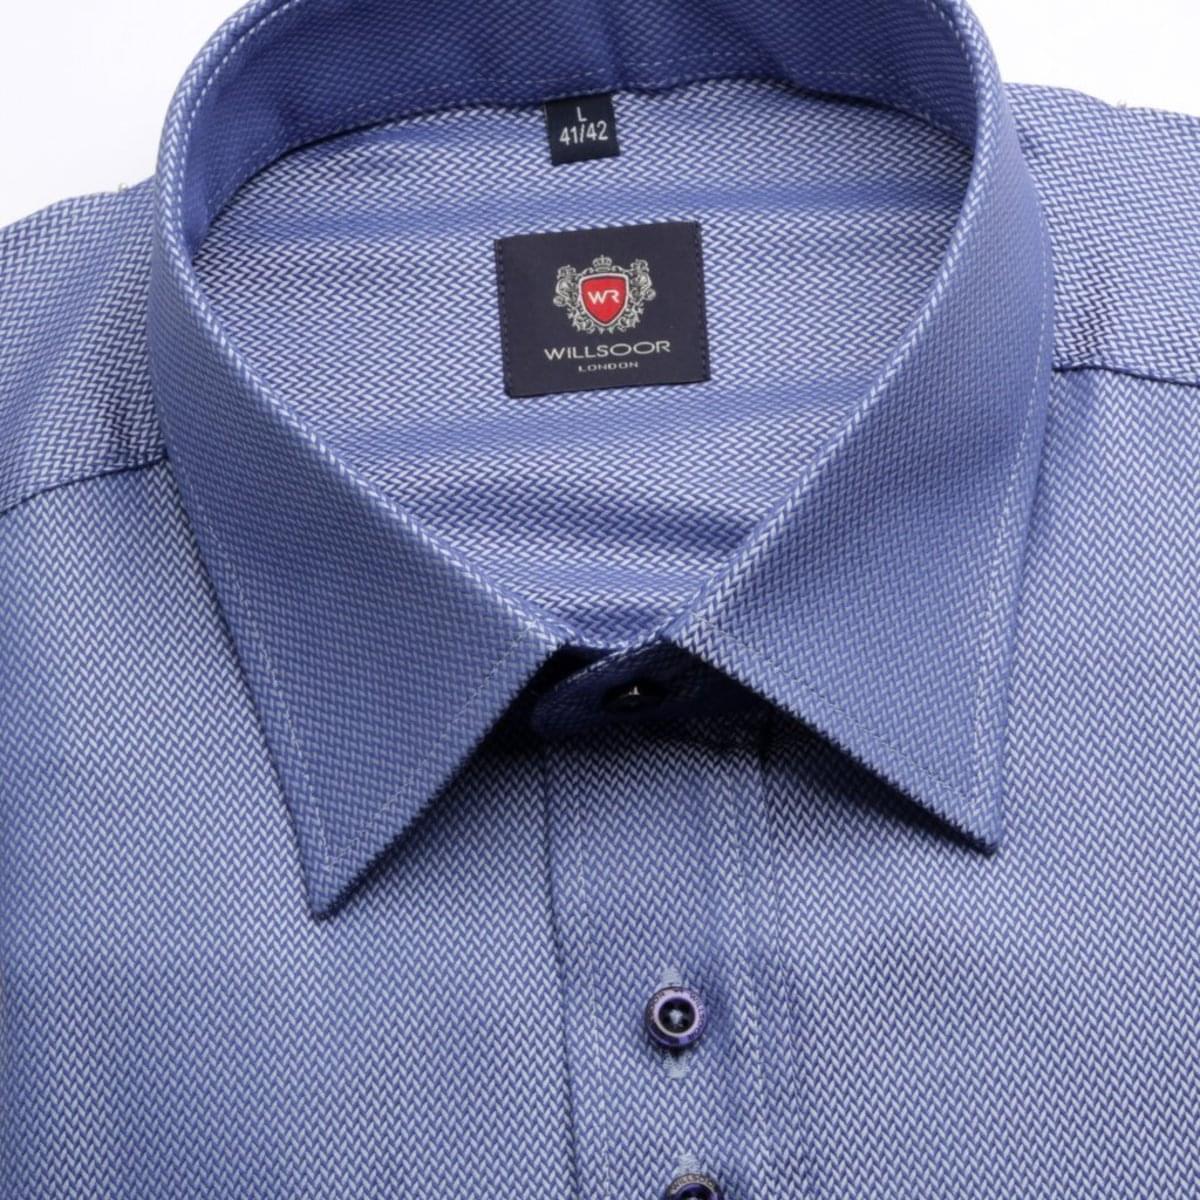 Košile WR London (výška 176-182)3984 176-182 / XL (43/44)